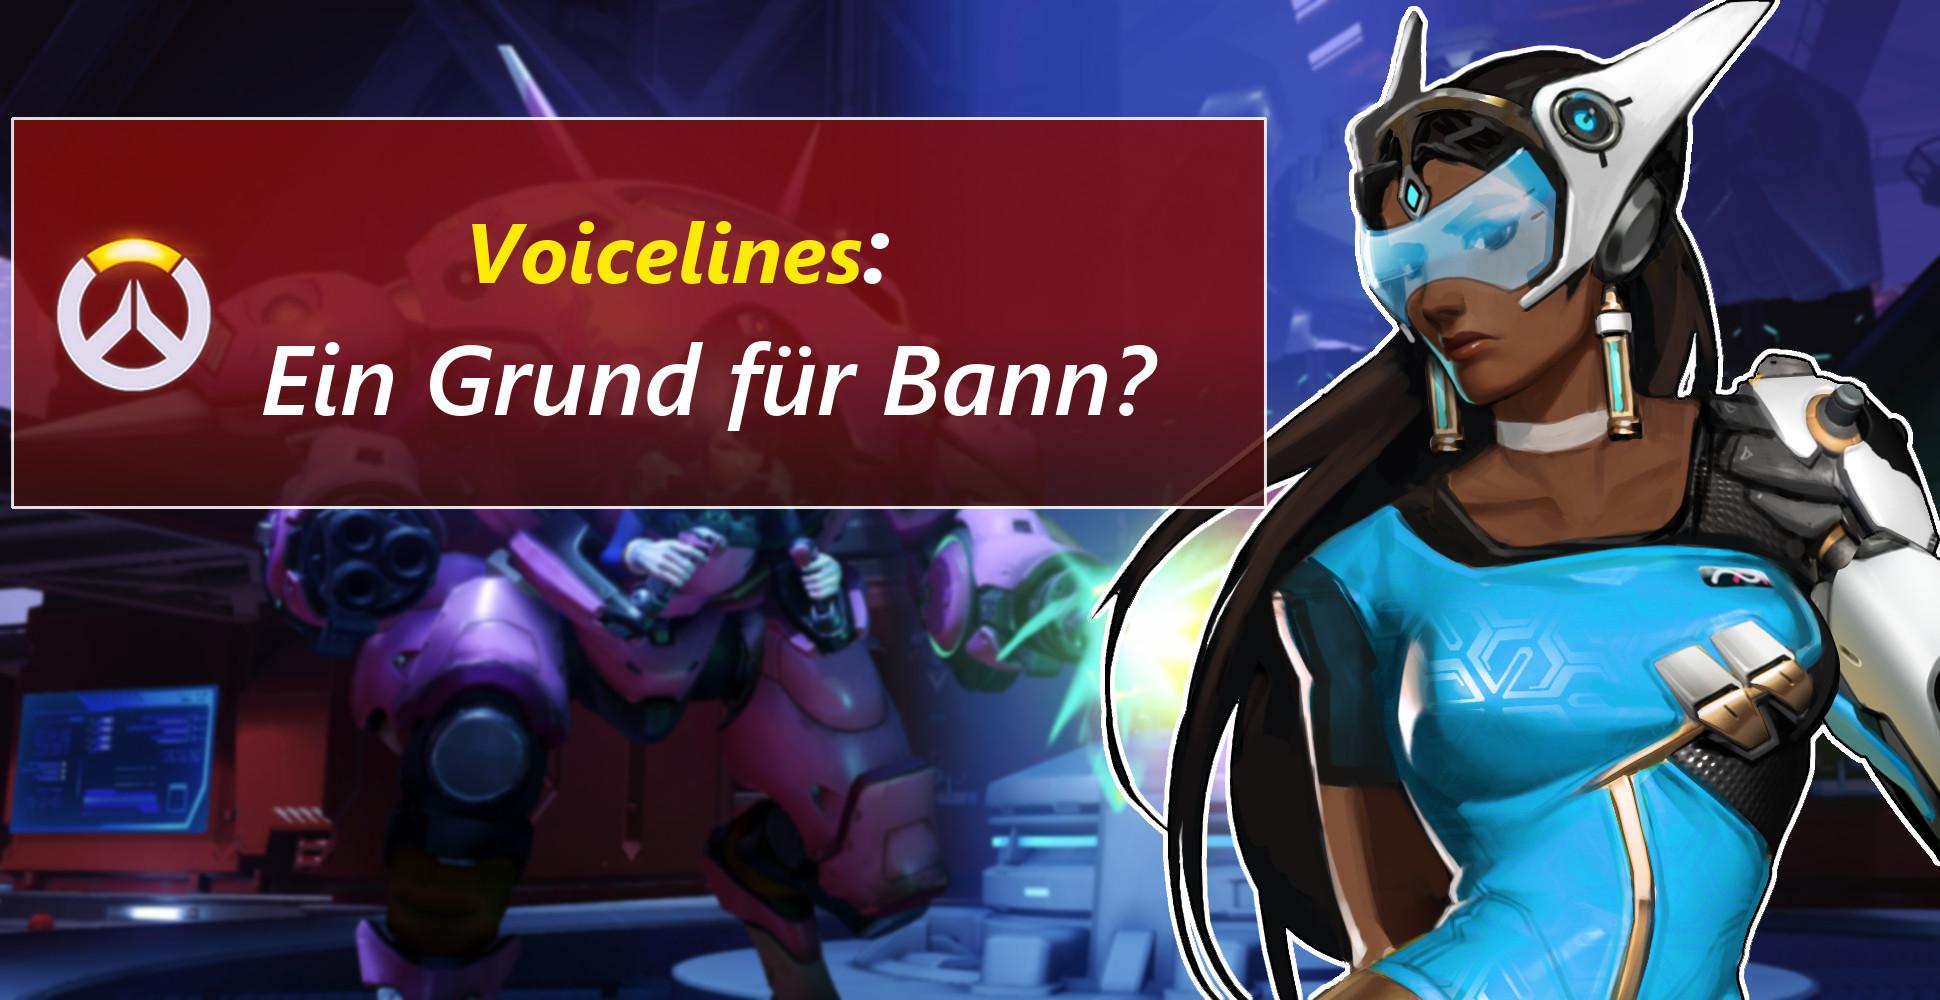 Voicelines können zum Bann führen – Absurde Overwatch-Regeln!